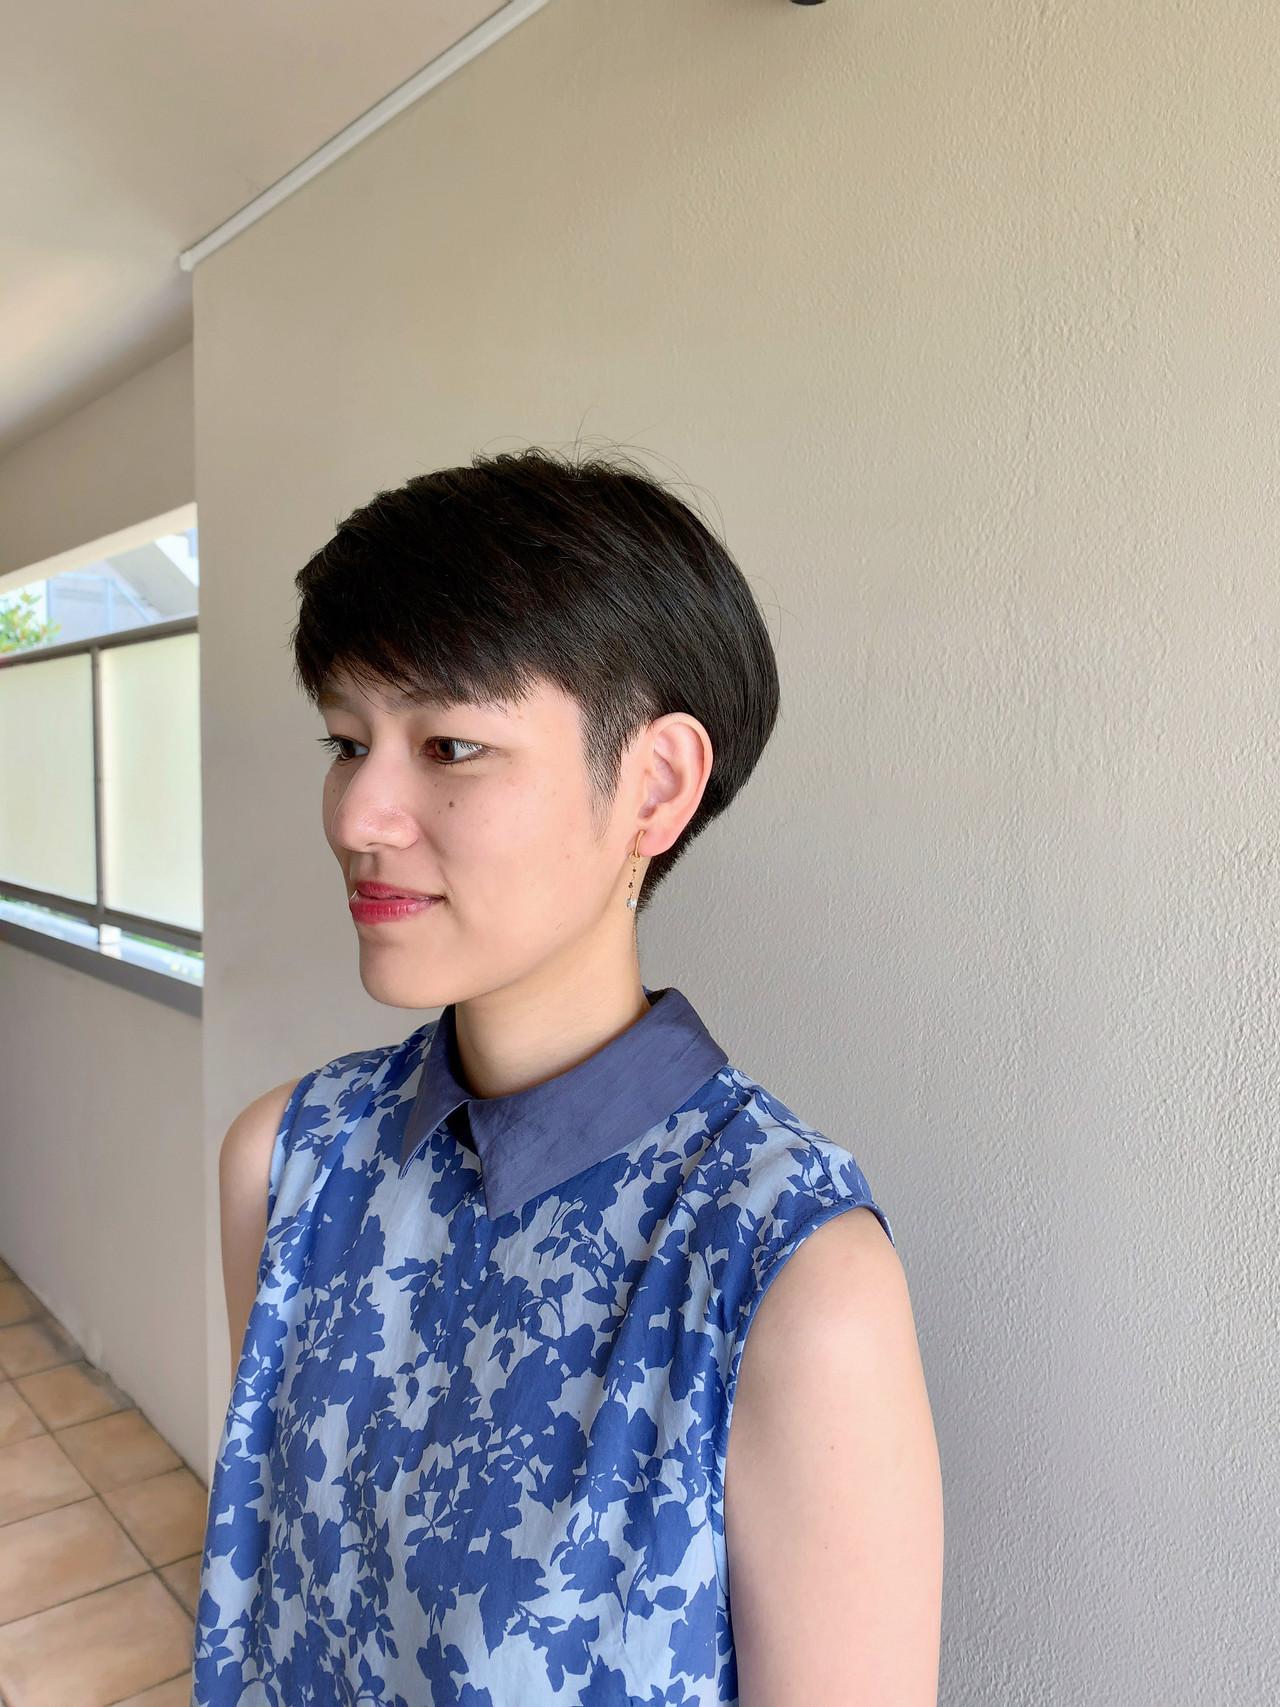 ベリーショート ショートボブ ナチュラル ミニボブ ヘアスタイルや髪型の写真・画像